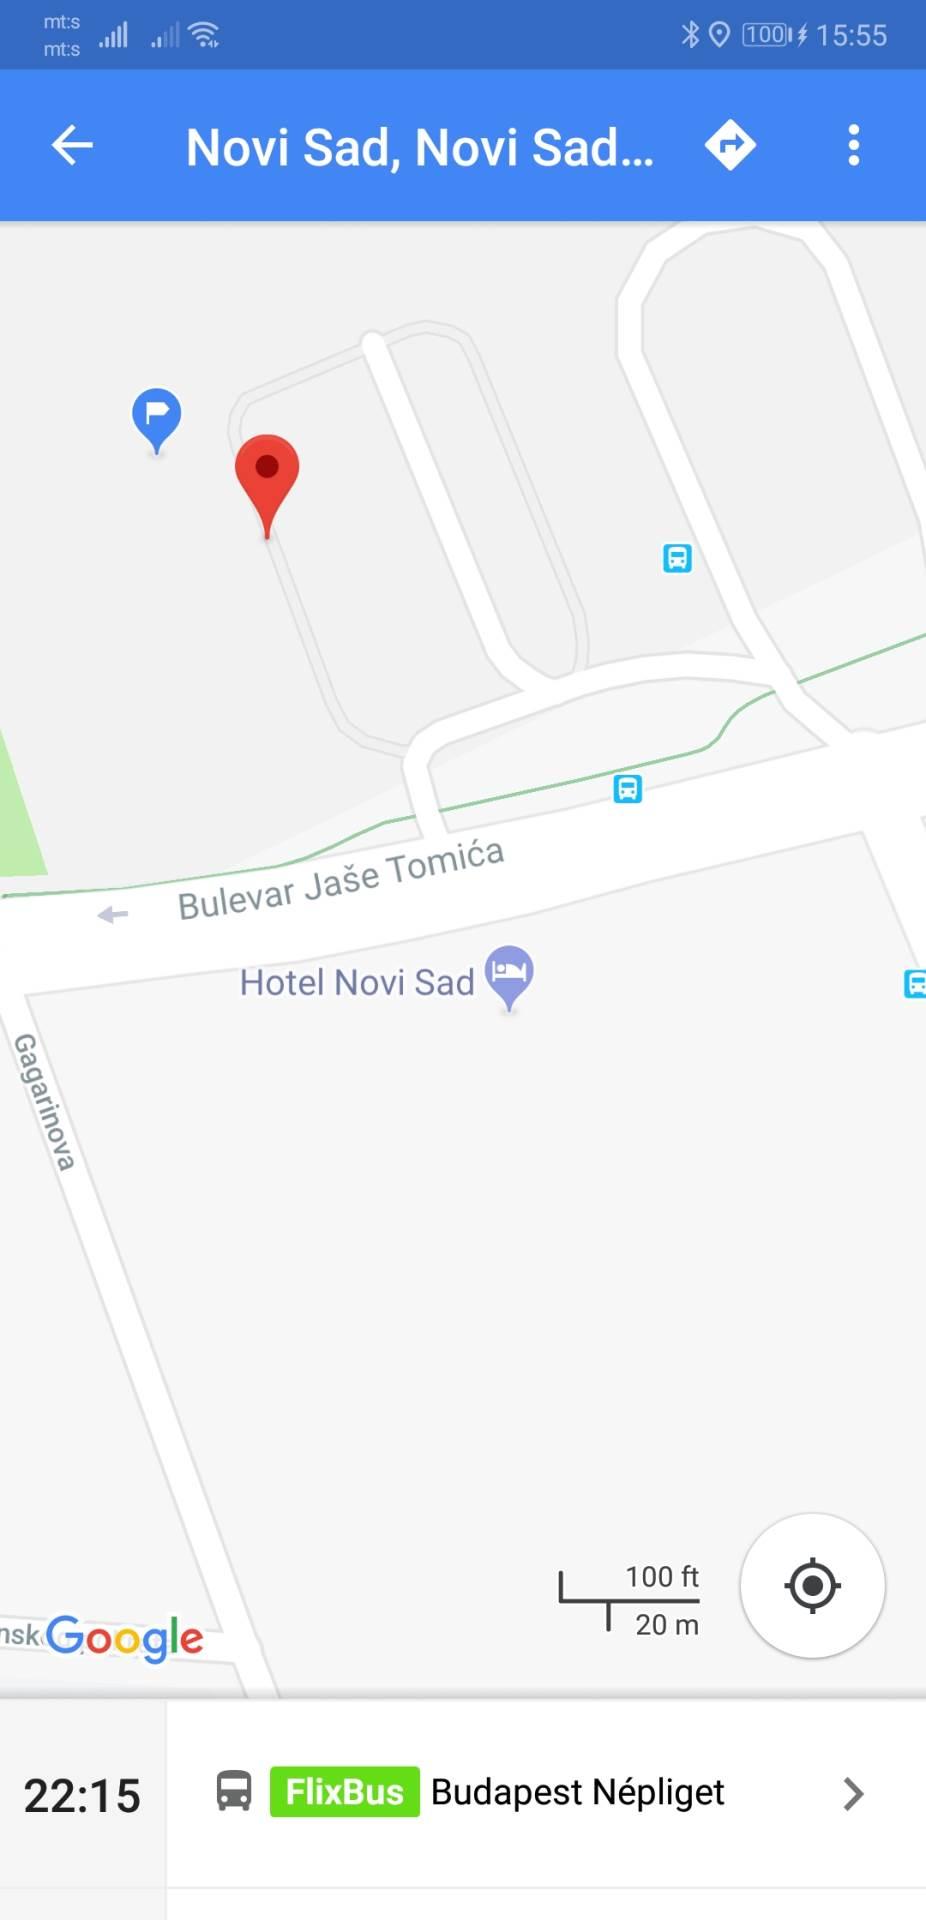 Nove Google Mape dostupne u Srbiji + šta je novo